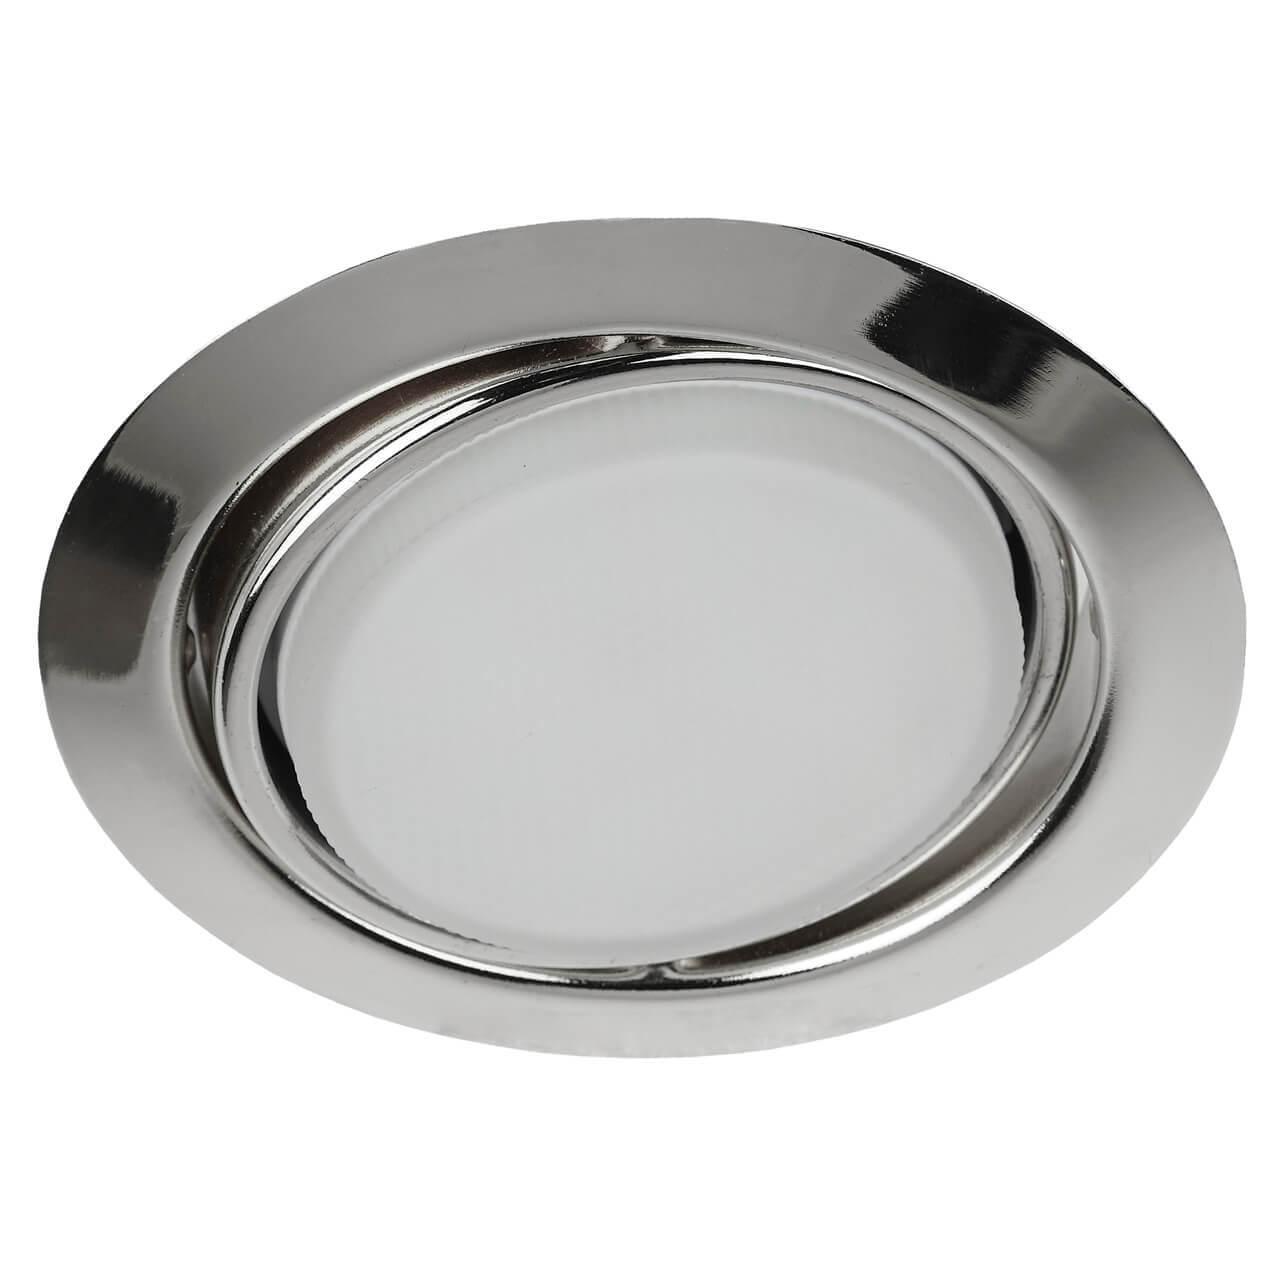 Встраиваемый светильник ЭРА GX53 KL35 А СН цены